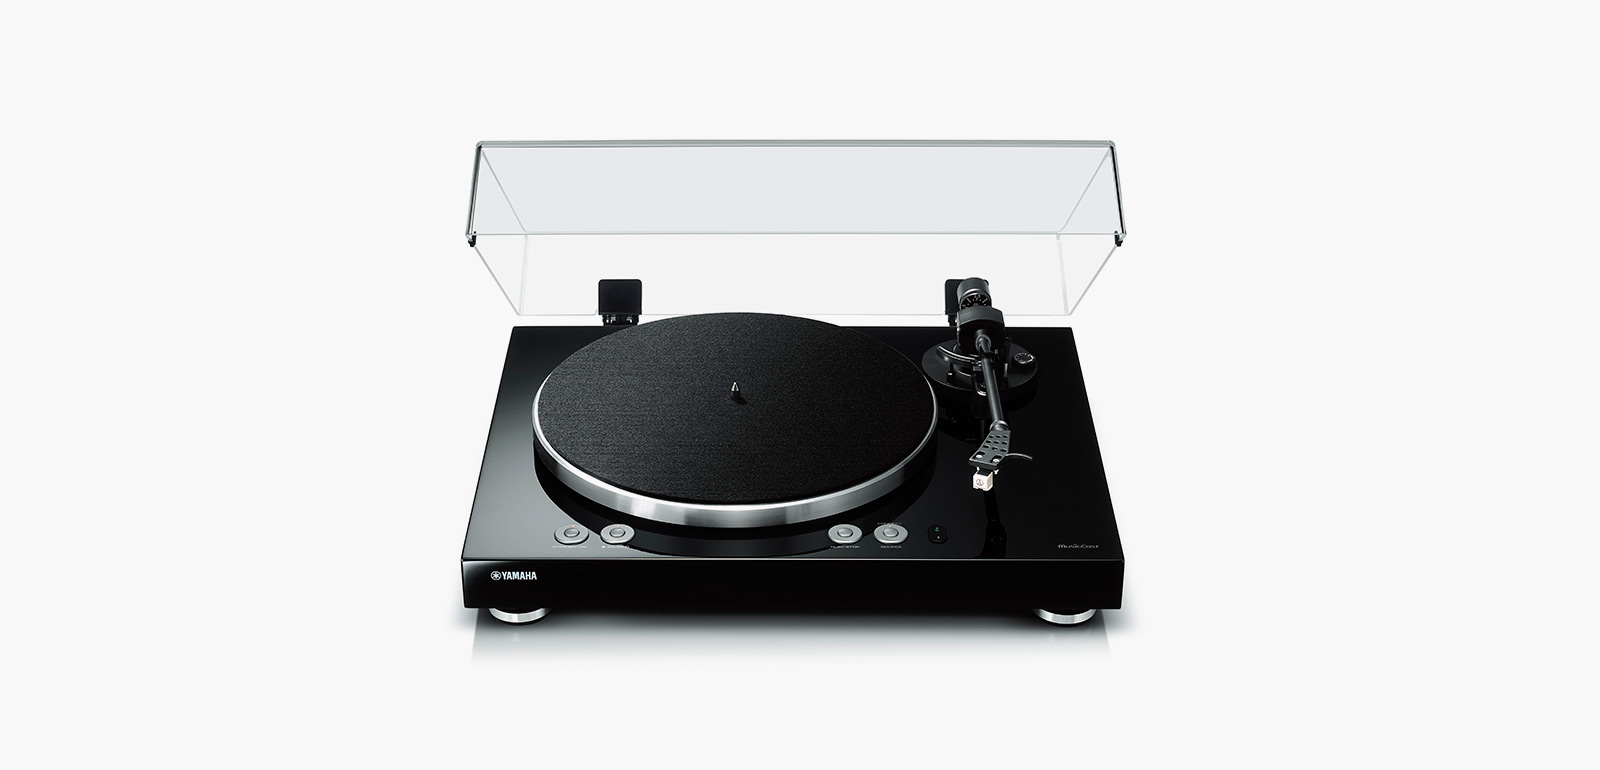 yamaha musiccast vinyl 500 wi fi turntable imboldn. Black Bedroom Furniture Sets. Home Design Ideas